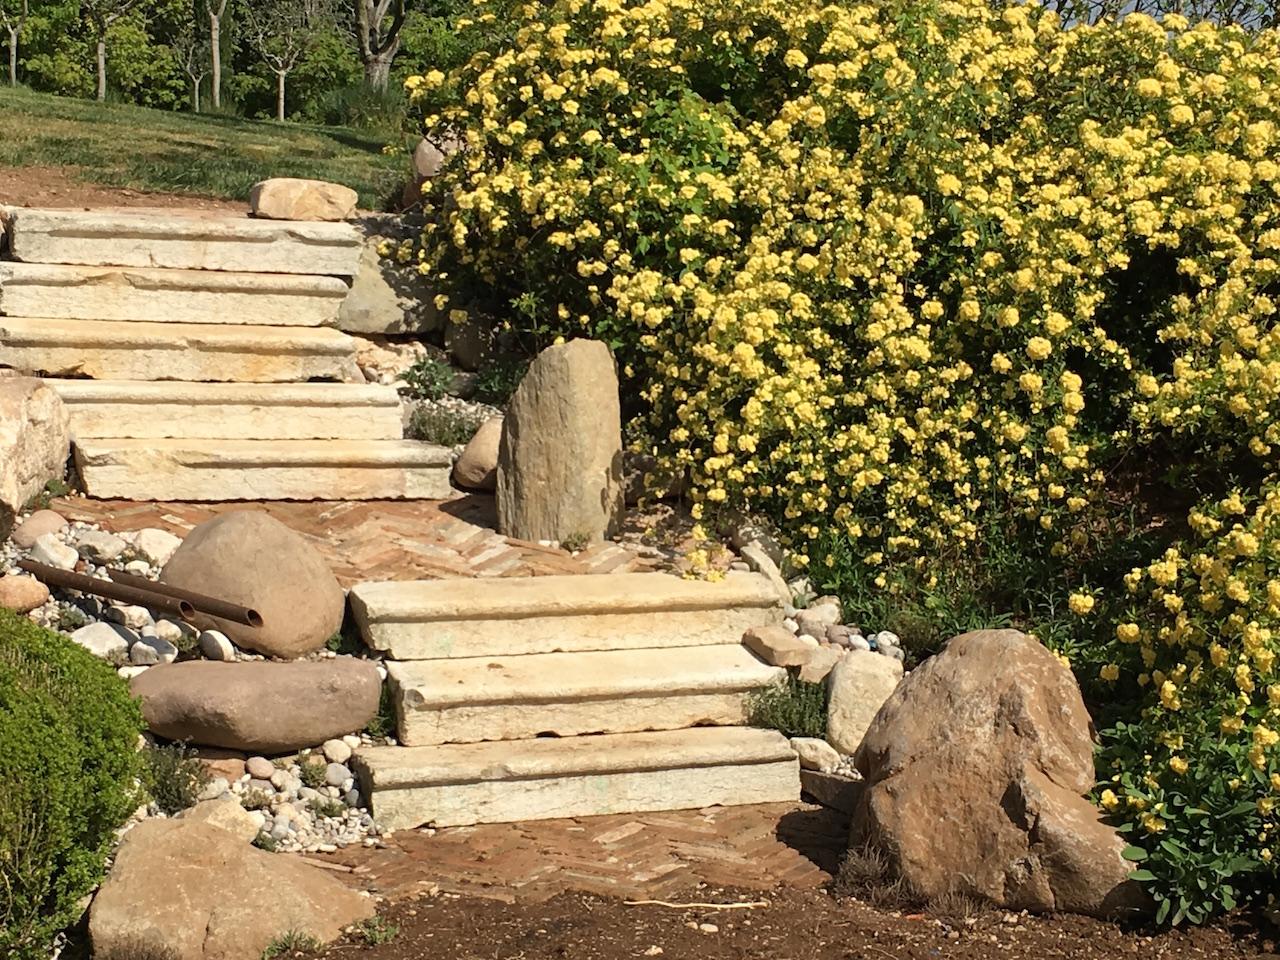 Realizzazione giardino gradinate e scale costruzione biopiscine e manutenzione verde - Scale per giardini ...